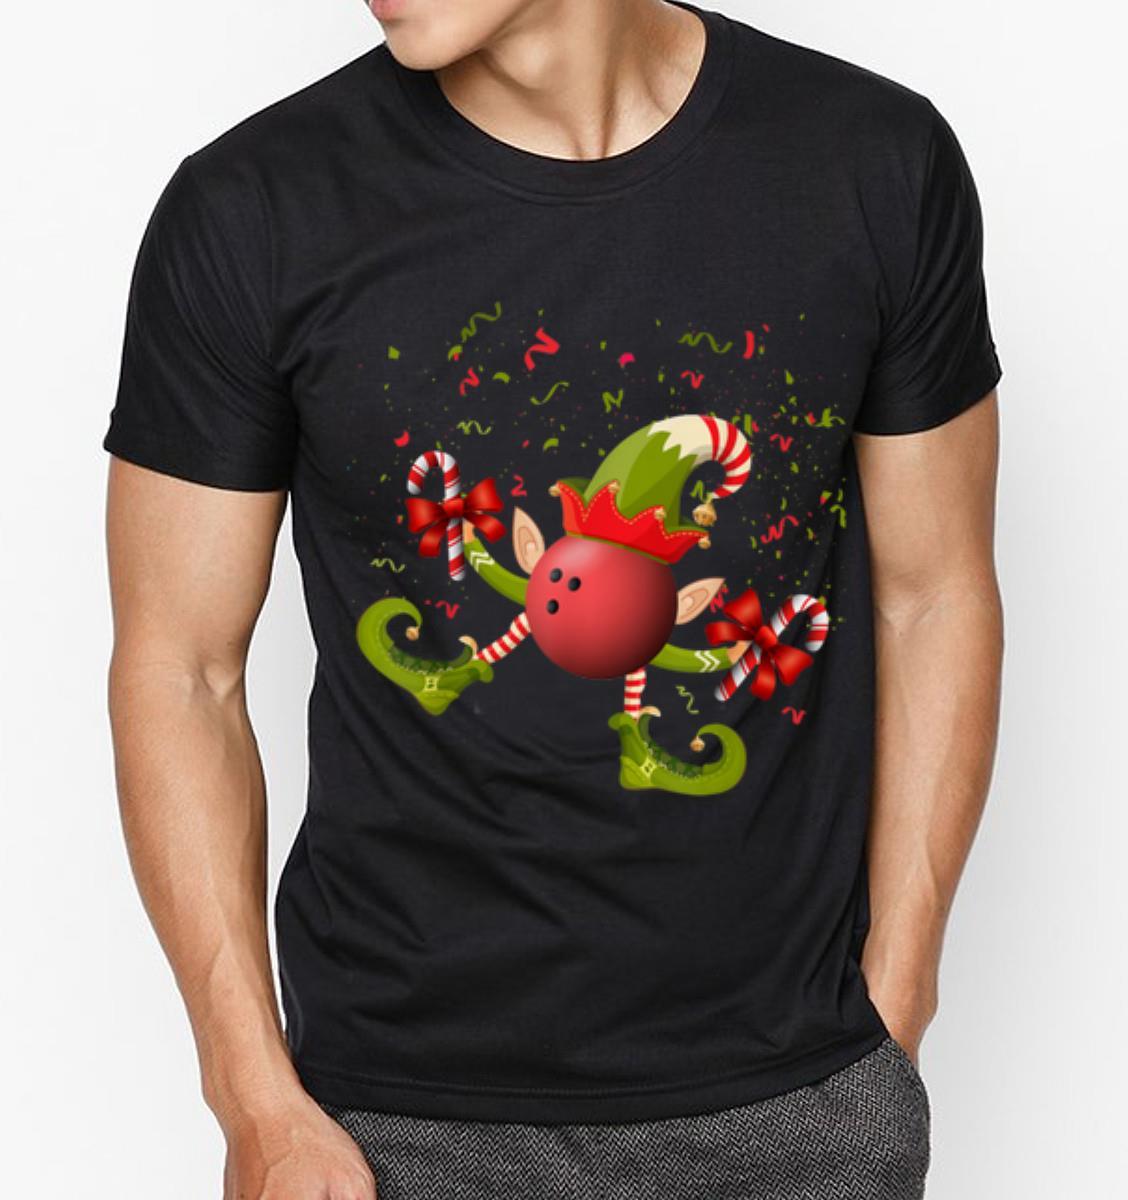 Premium Elf Bowling Merry Christmas X Mas Gift Mens Womens Kids Shirt 3 1.jpg